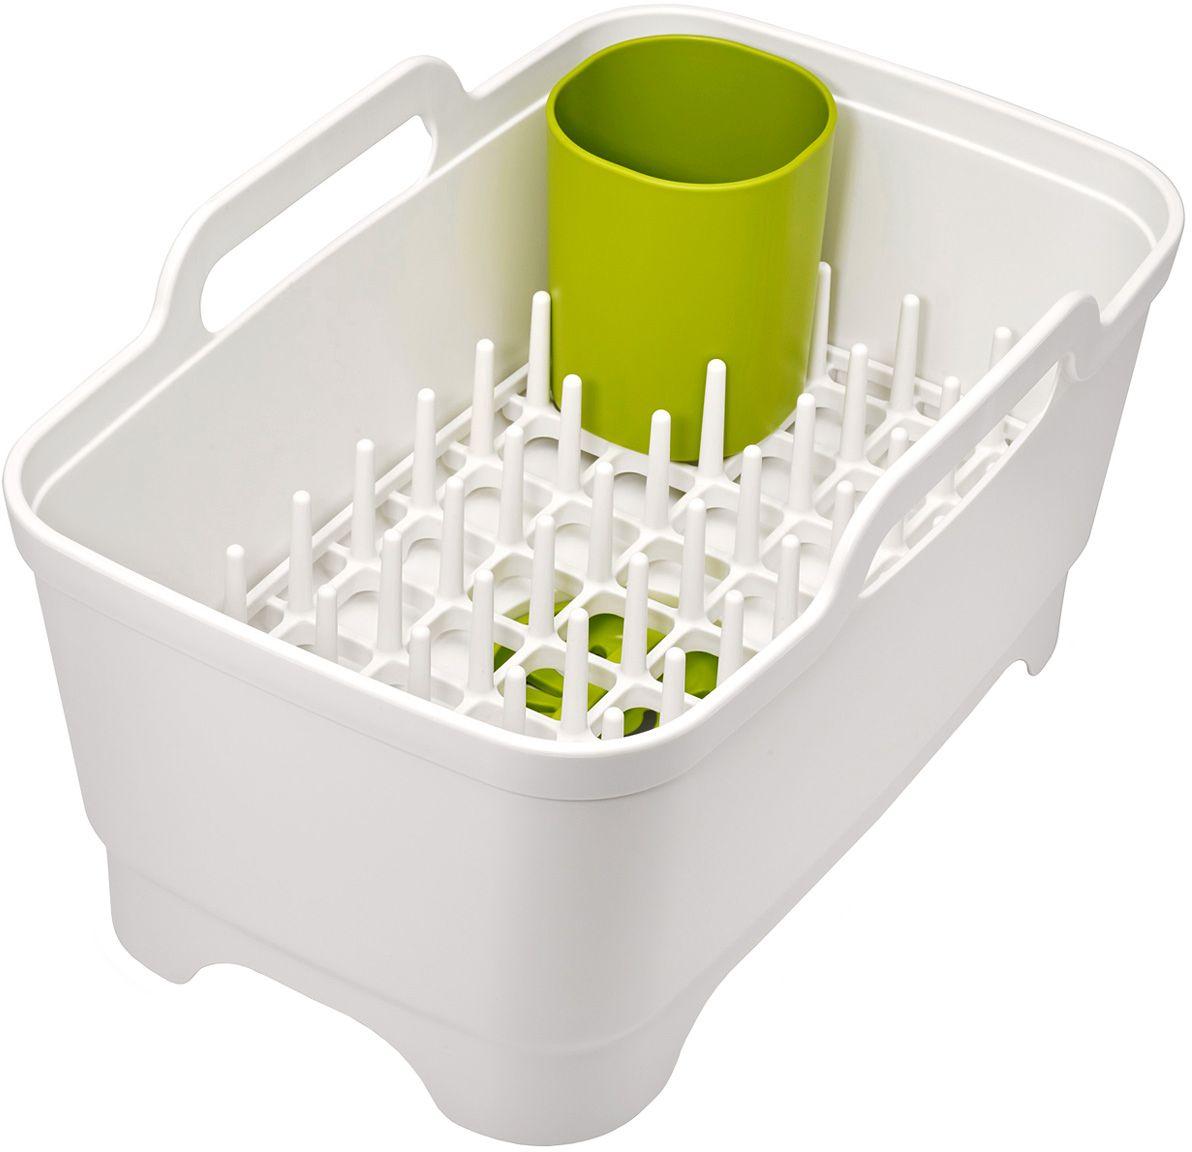 Набор для мойки и сушки посуды Joseph Joseph, цвет: белый85101Набор для мойки и сушки посуды Joseph Joseph включает в себя тазик для мытья, со встроенной пробкой для слива/удержания воды и съемную сушилку для посуды и столовых приборов. Компактный и функциональный дизайн, который поможет по максимуму использовать существующее пространство: подставка для посуды может использоваться как внутри таза, так и на рабочей поверхности. Сам тазик оснащен удобными широкими ручками для переноски, его размеры идеально впишутся в любую раковину.Моется вручную.